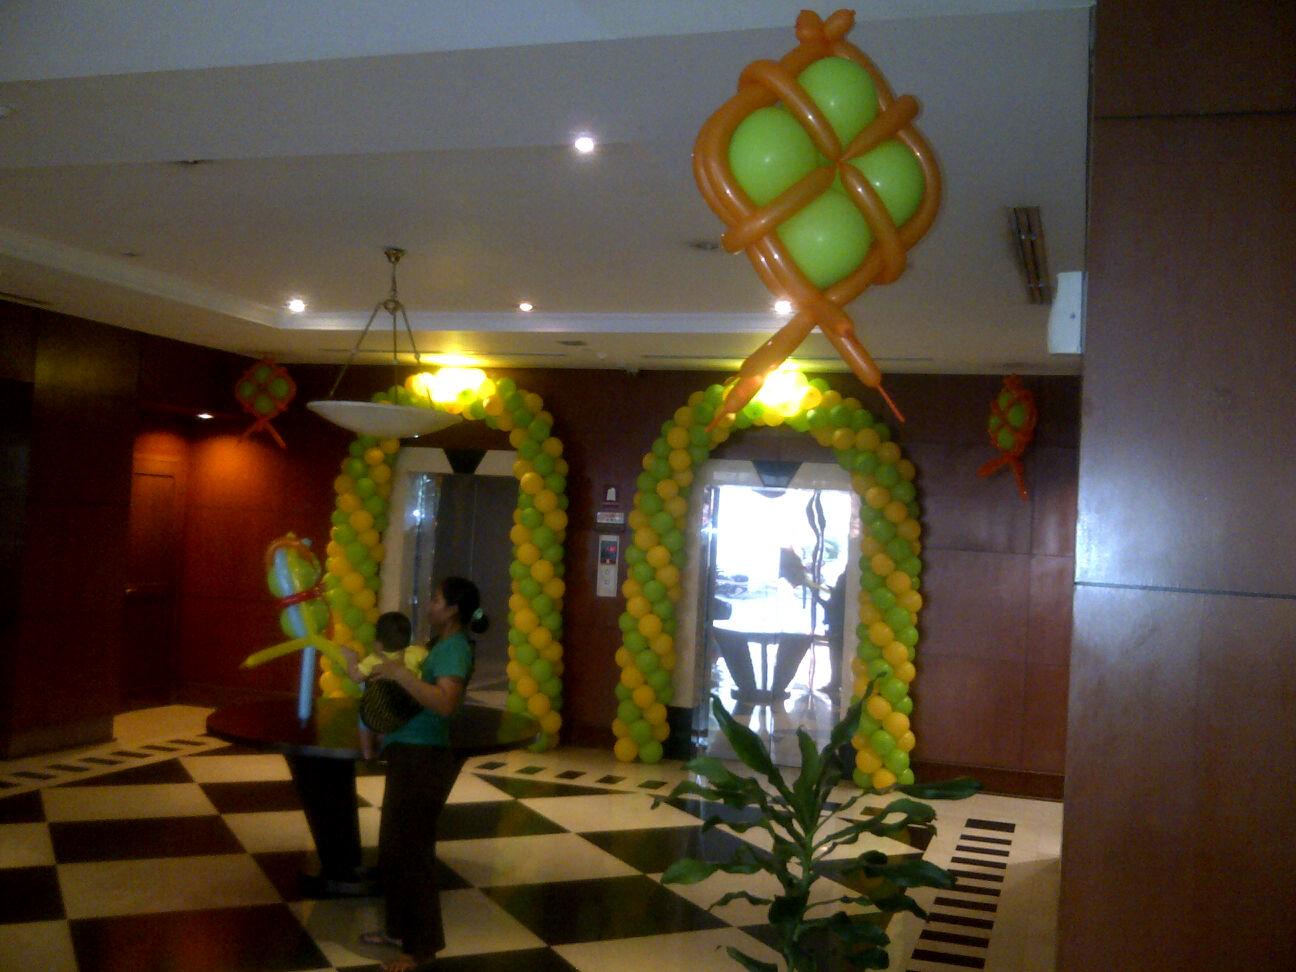 Dekorasi balon lebaran di apartement setia budi jasa for Dekorasi lebaran hotel